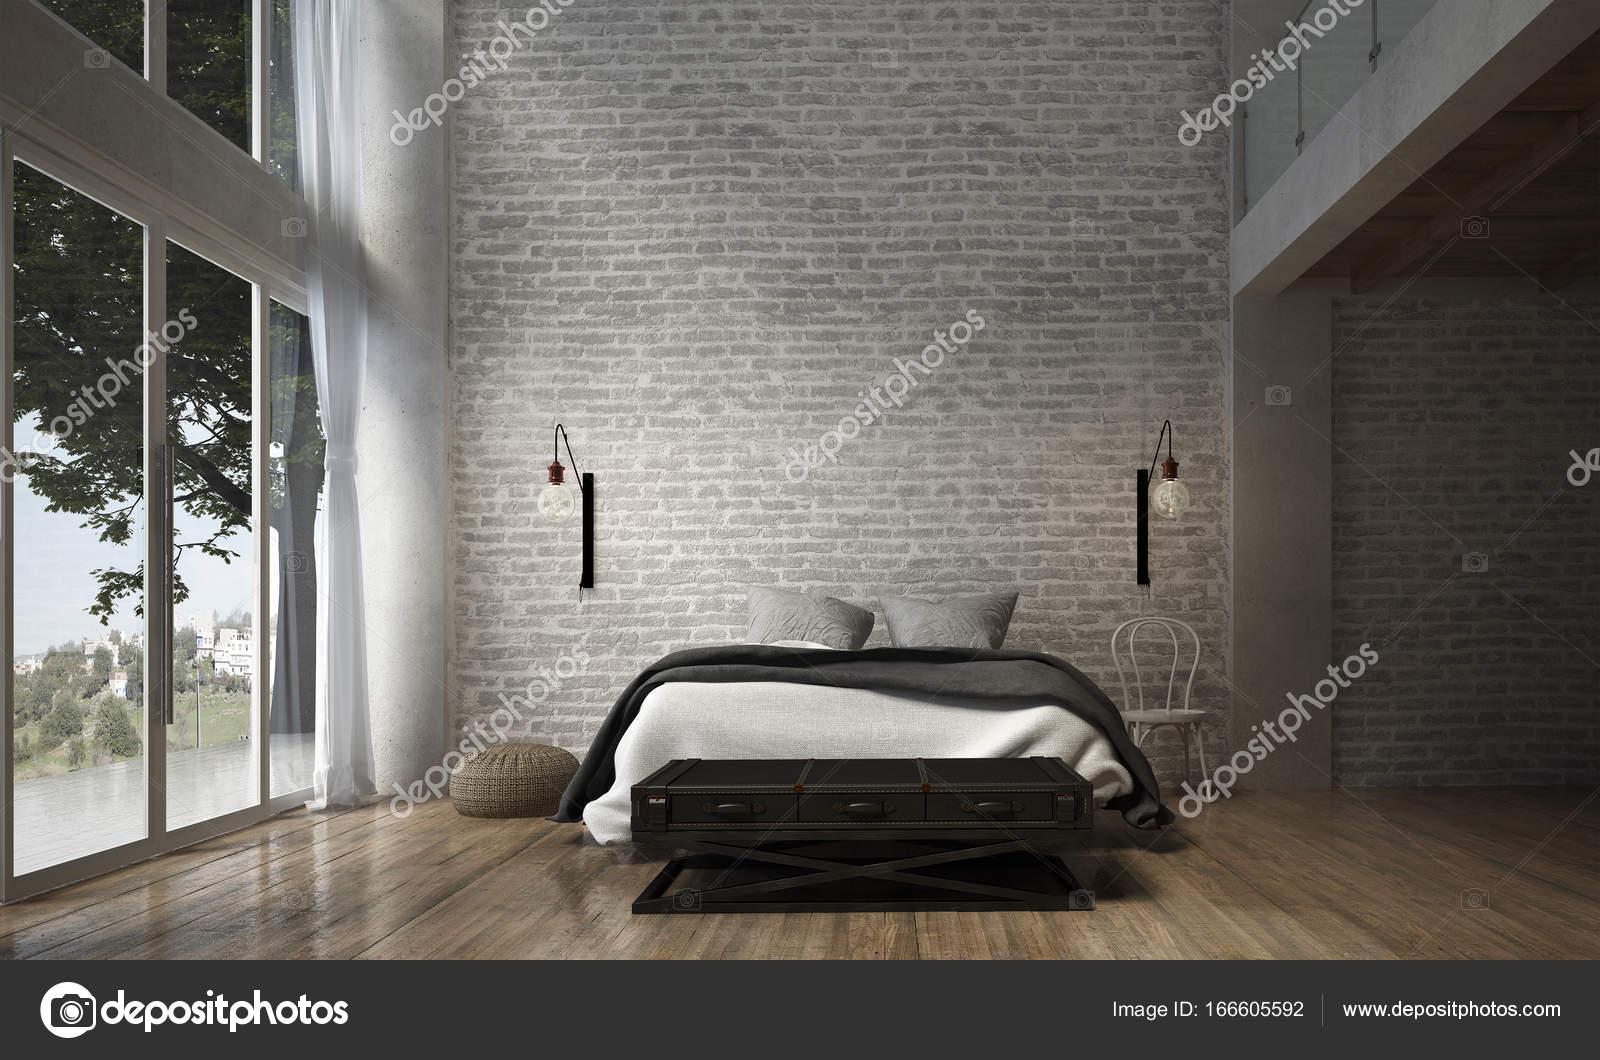 Wnętrze Sypialni I Cegły ściany Tekstura Tło 3d